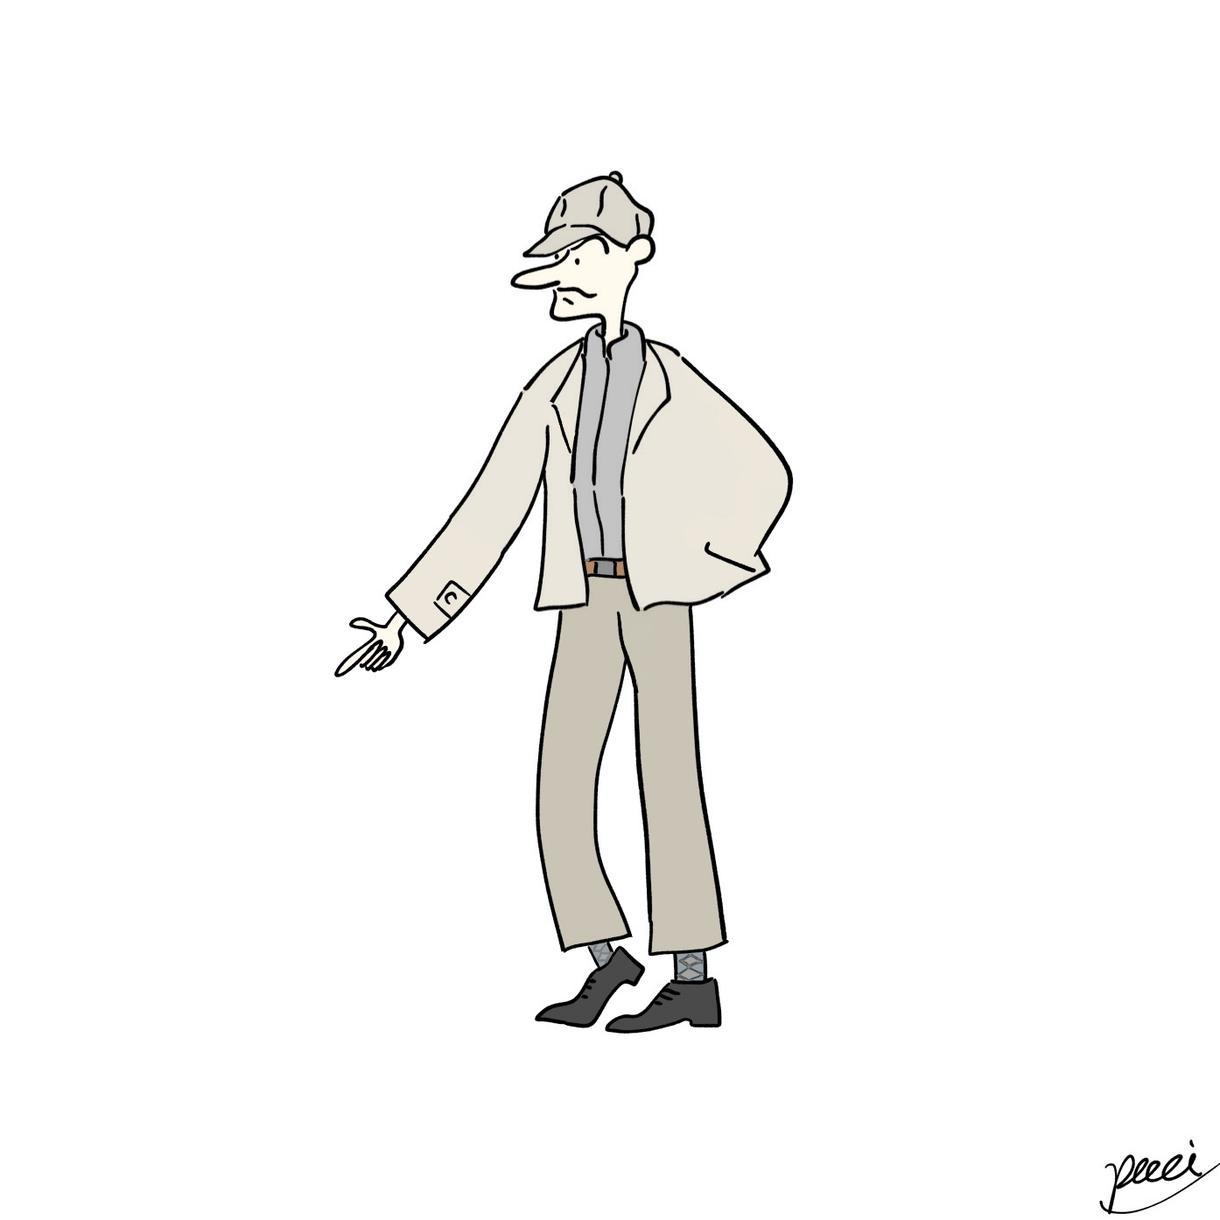 アニメ調のイラストを描きます 求められたイラストを気持ち込めて描かせていただきます。